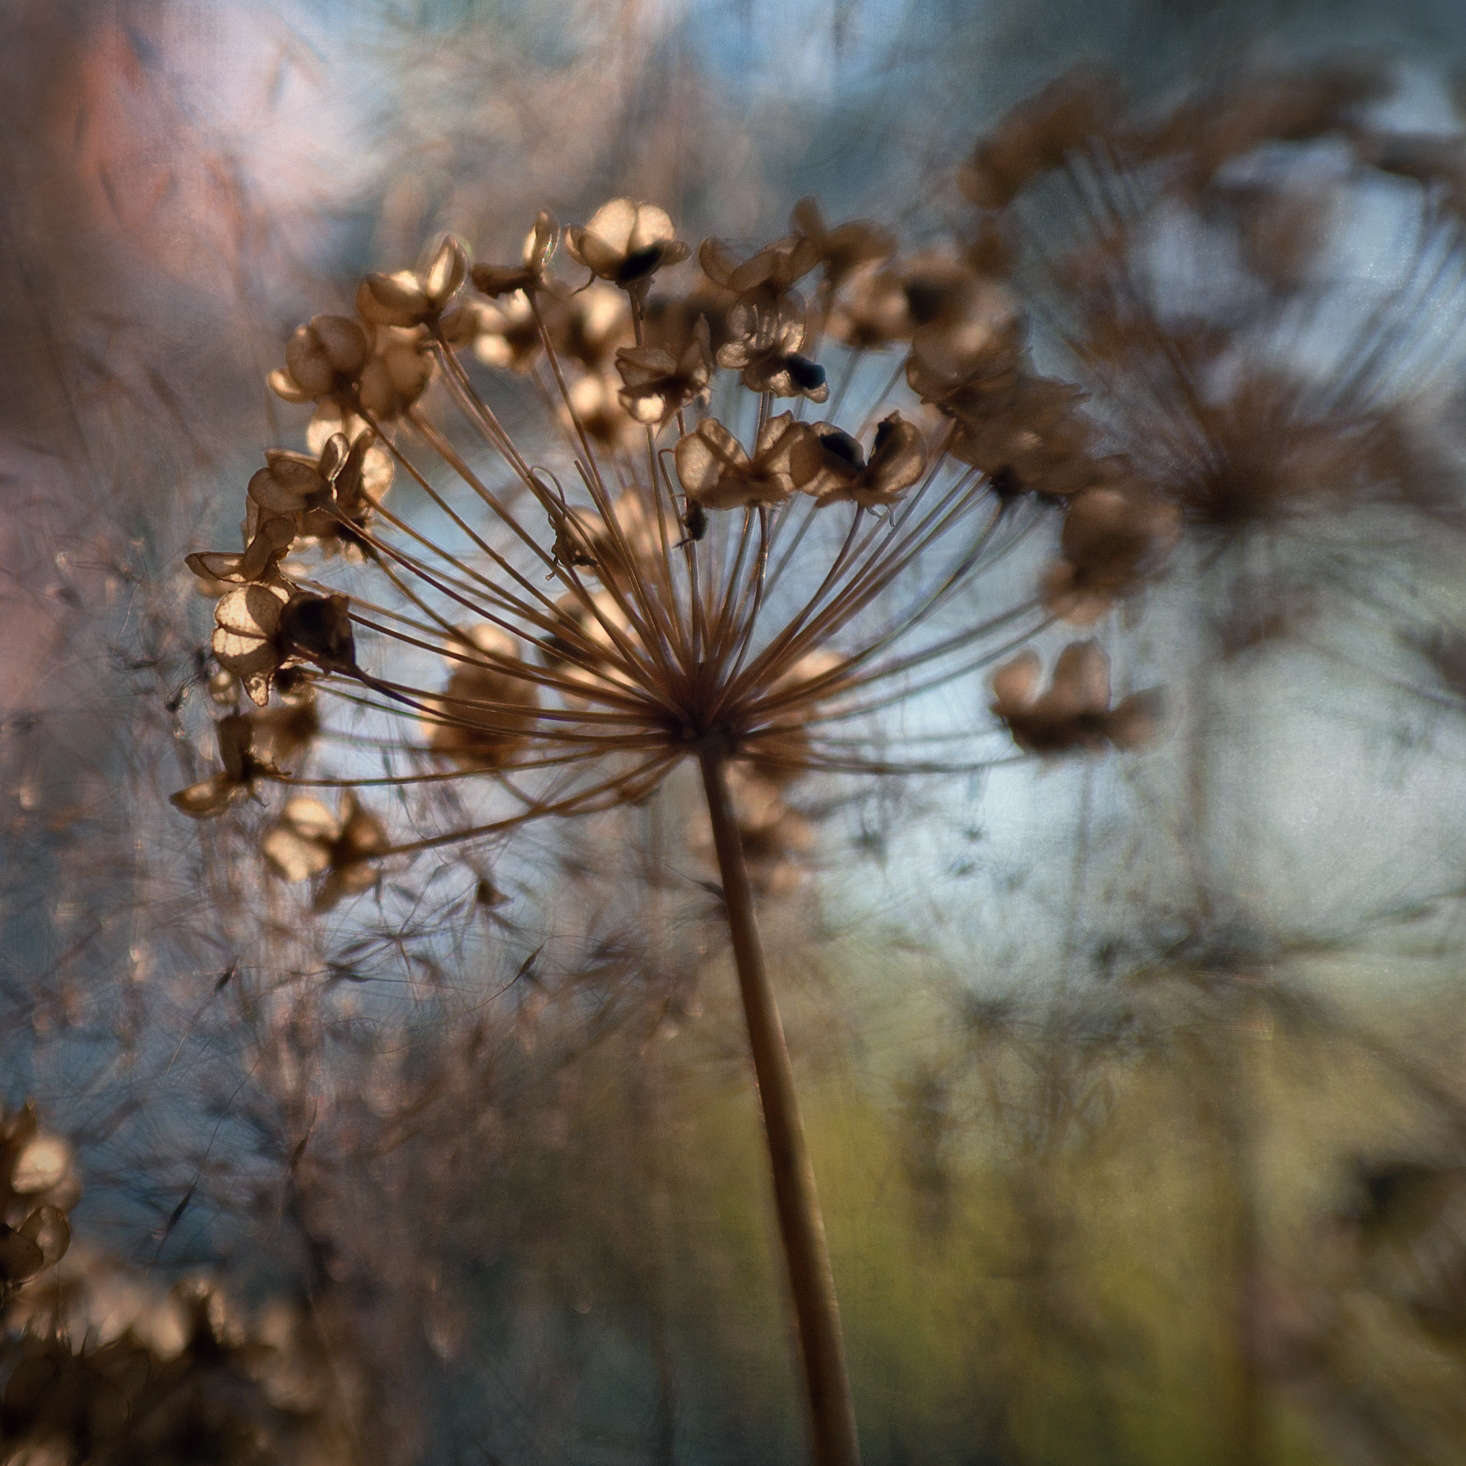 12月十二月。来自贾尼斯·贾纳的照片。